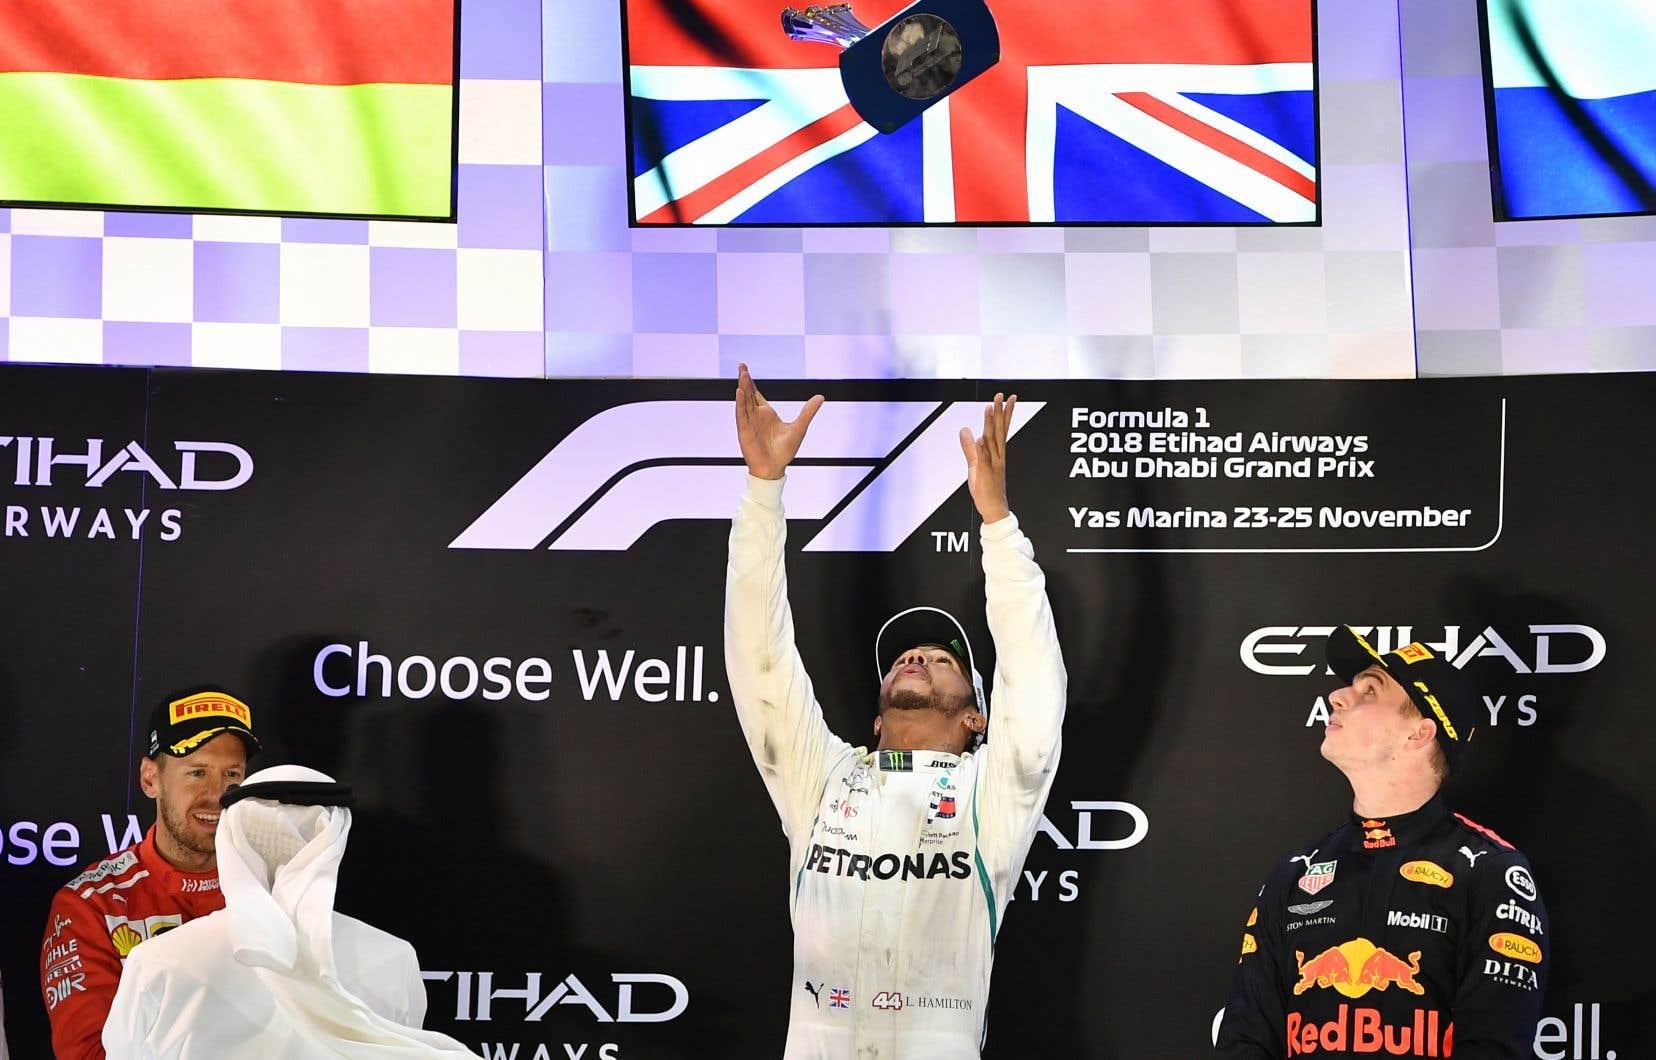 Le pilote britannique, qui s'était déjà assuré d'un cinquième championnat, a devancé le pilote Ferrari Sebastian Vettel au fil d'arrivée du circuit Yas Marina. Il a du même coup enregistré sa 11evictoire de la saison, et la 73ede sa carrière.